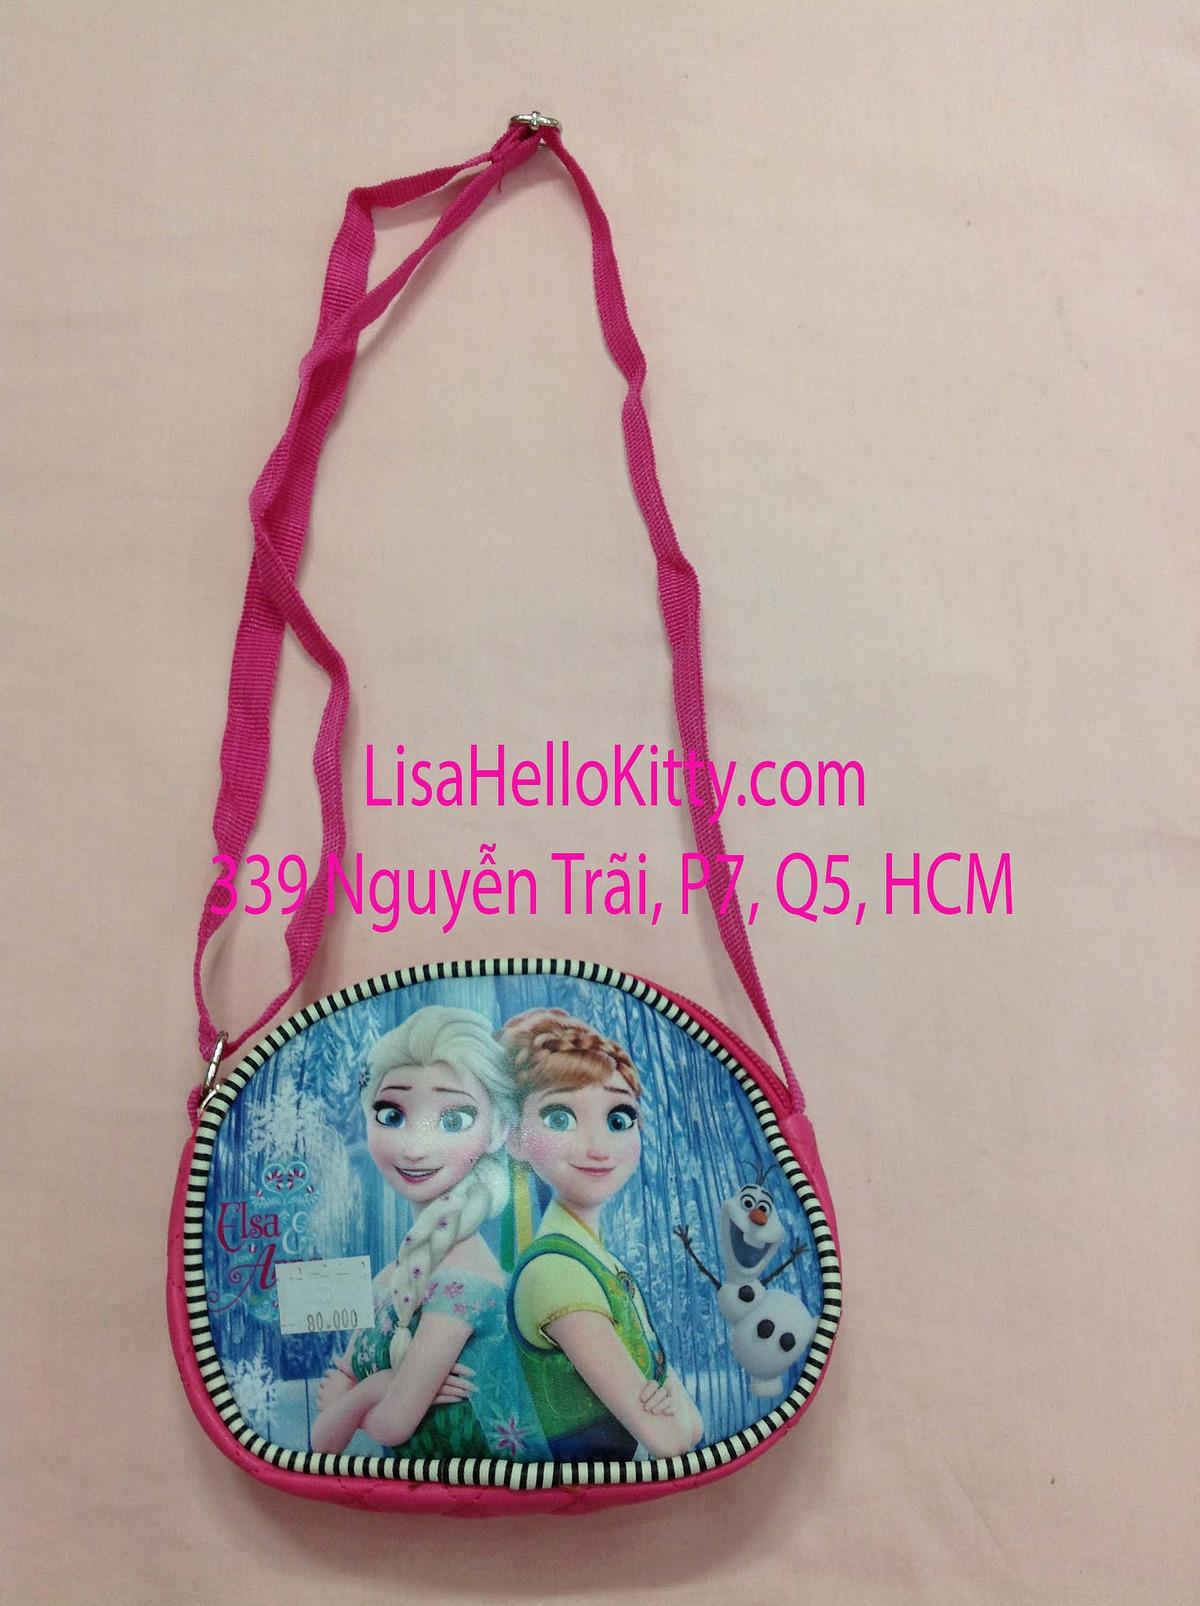 Lisa Shop - Túi xách, túi đeo chéo Hello Kitty công chúa Elsa cho bé - 8